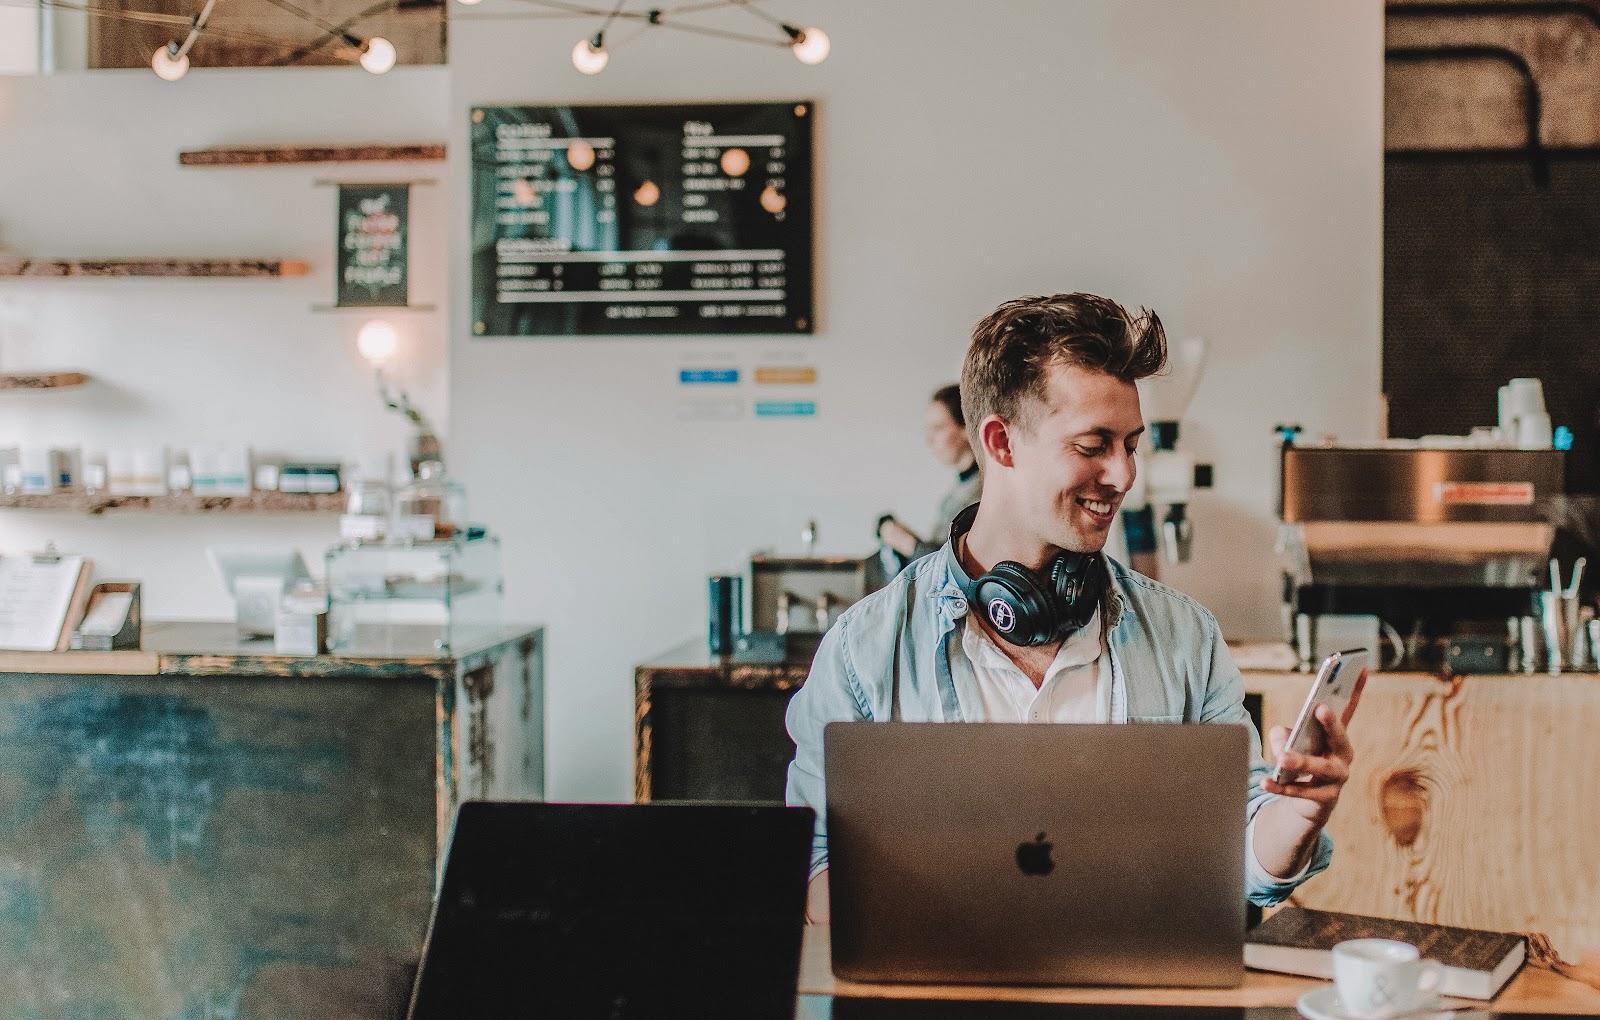 Colaborador feliz e descontraído em seu ambiente de trabalho